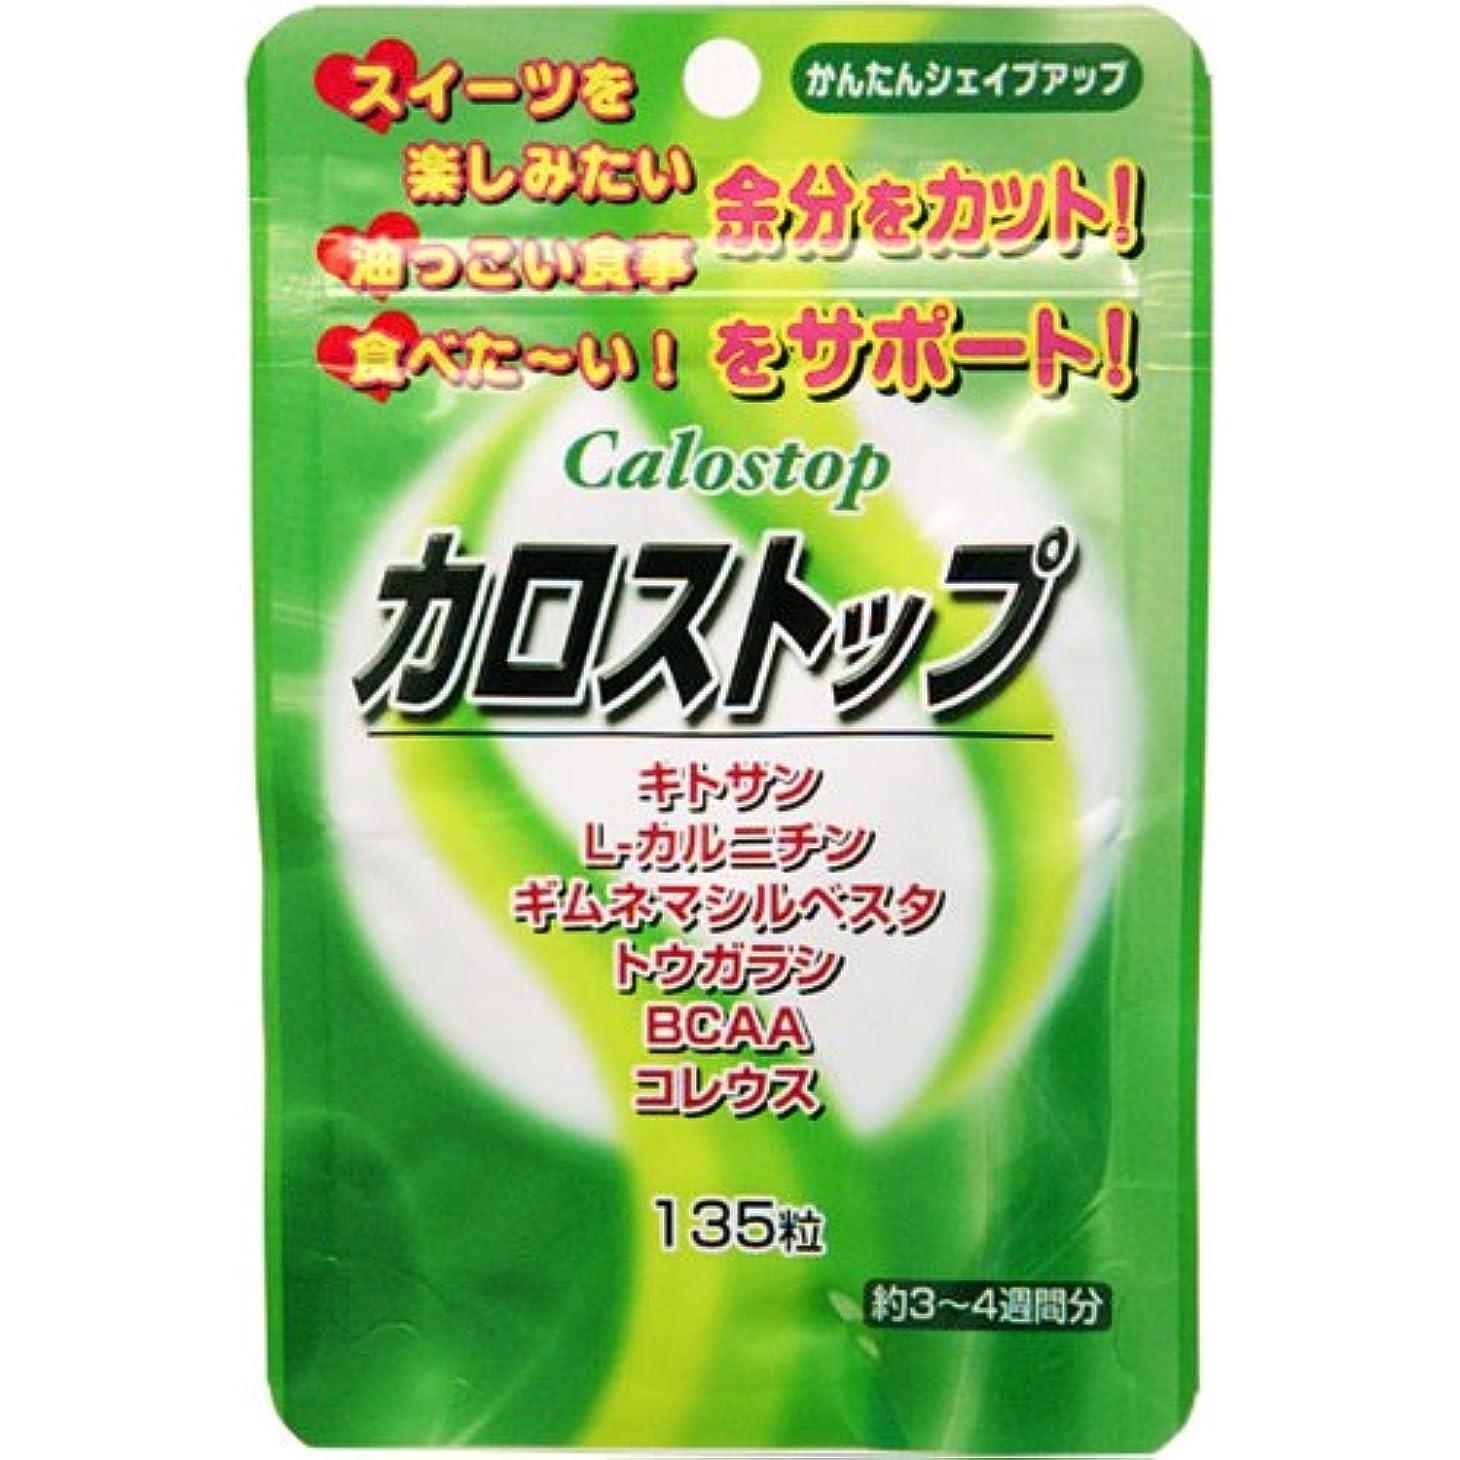 選択ラビリンス代表するユウキ製薬(株) カロストップ